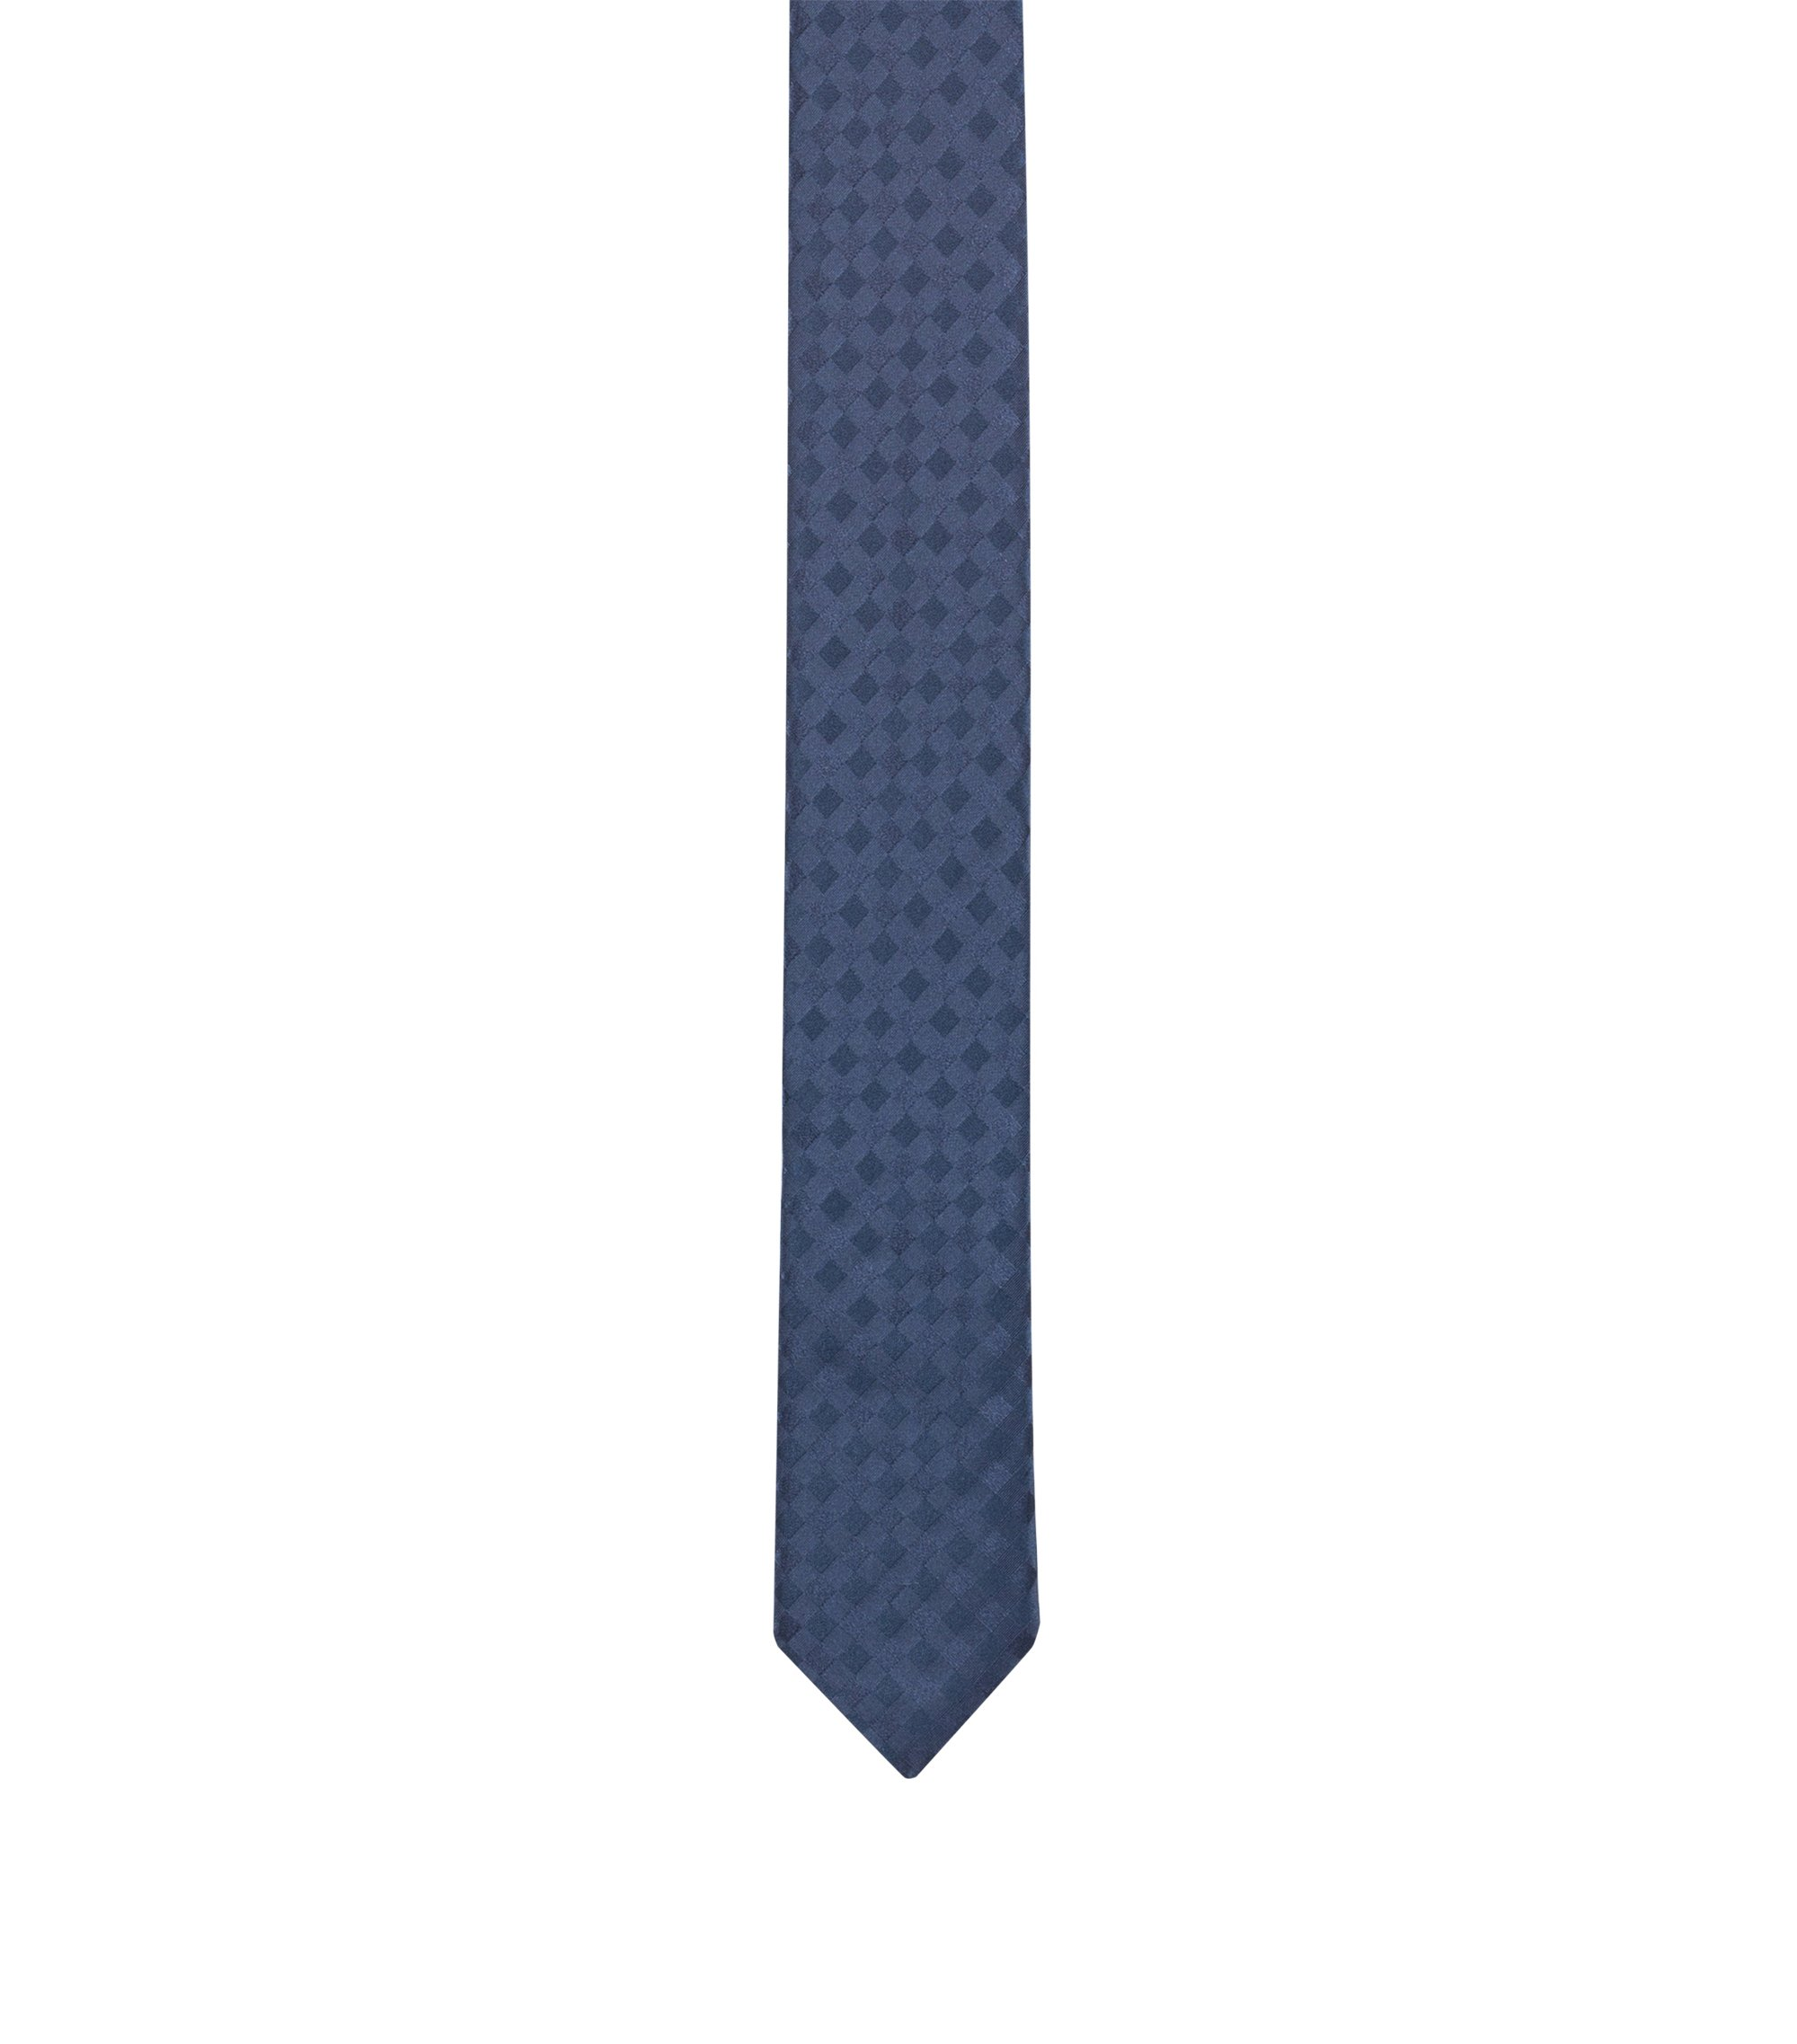 Cravate en jacquard de soie, ornée d'un motif à carreaux uni ton sur ton, Bleu foncé